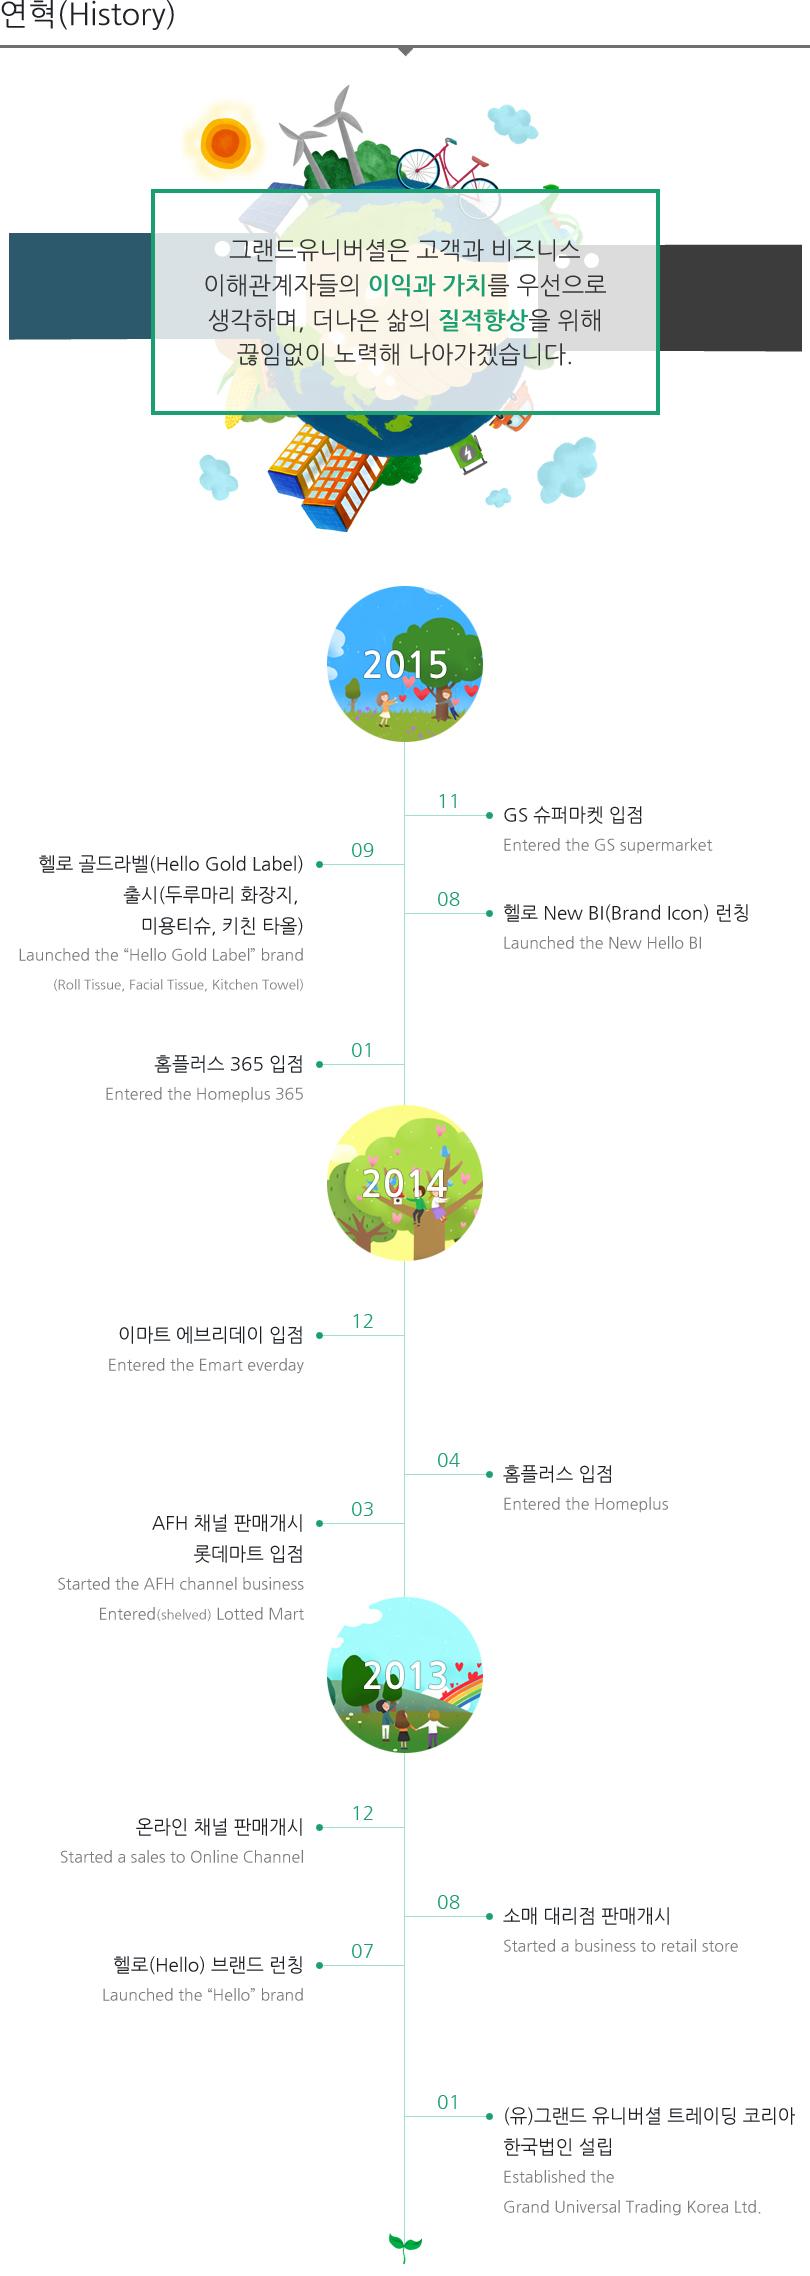 서브디자인시안_회사소개_회사연혁1.jpg